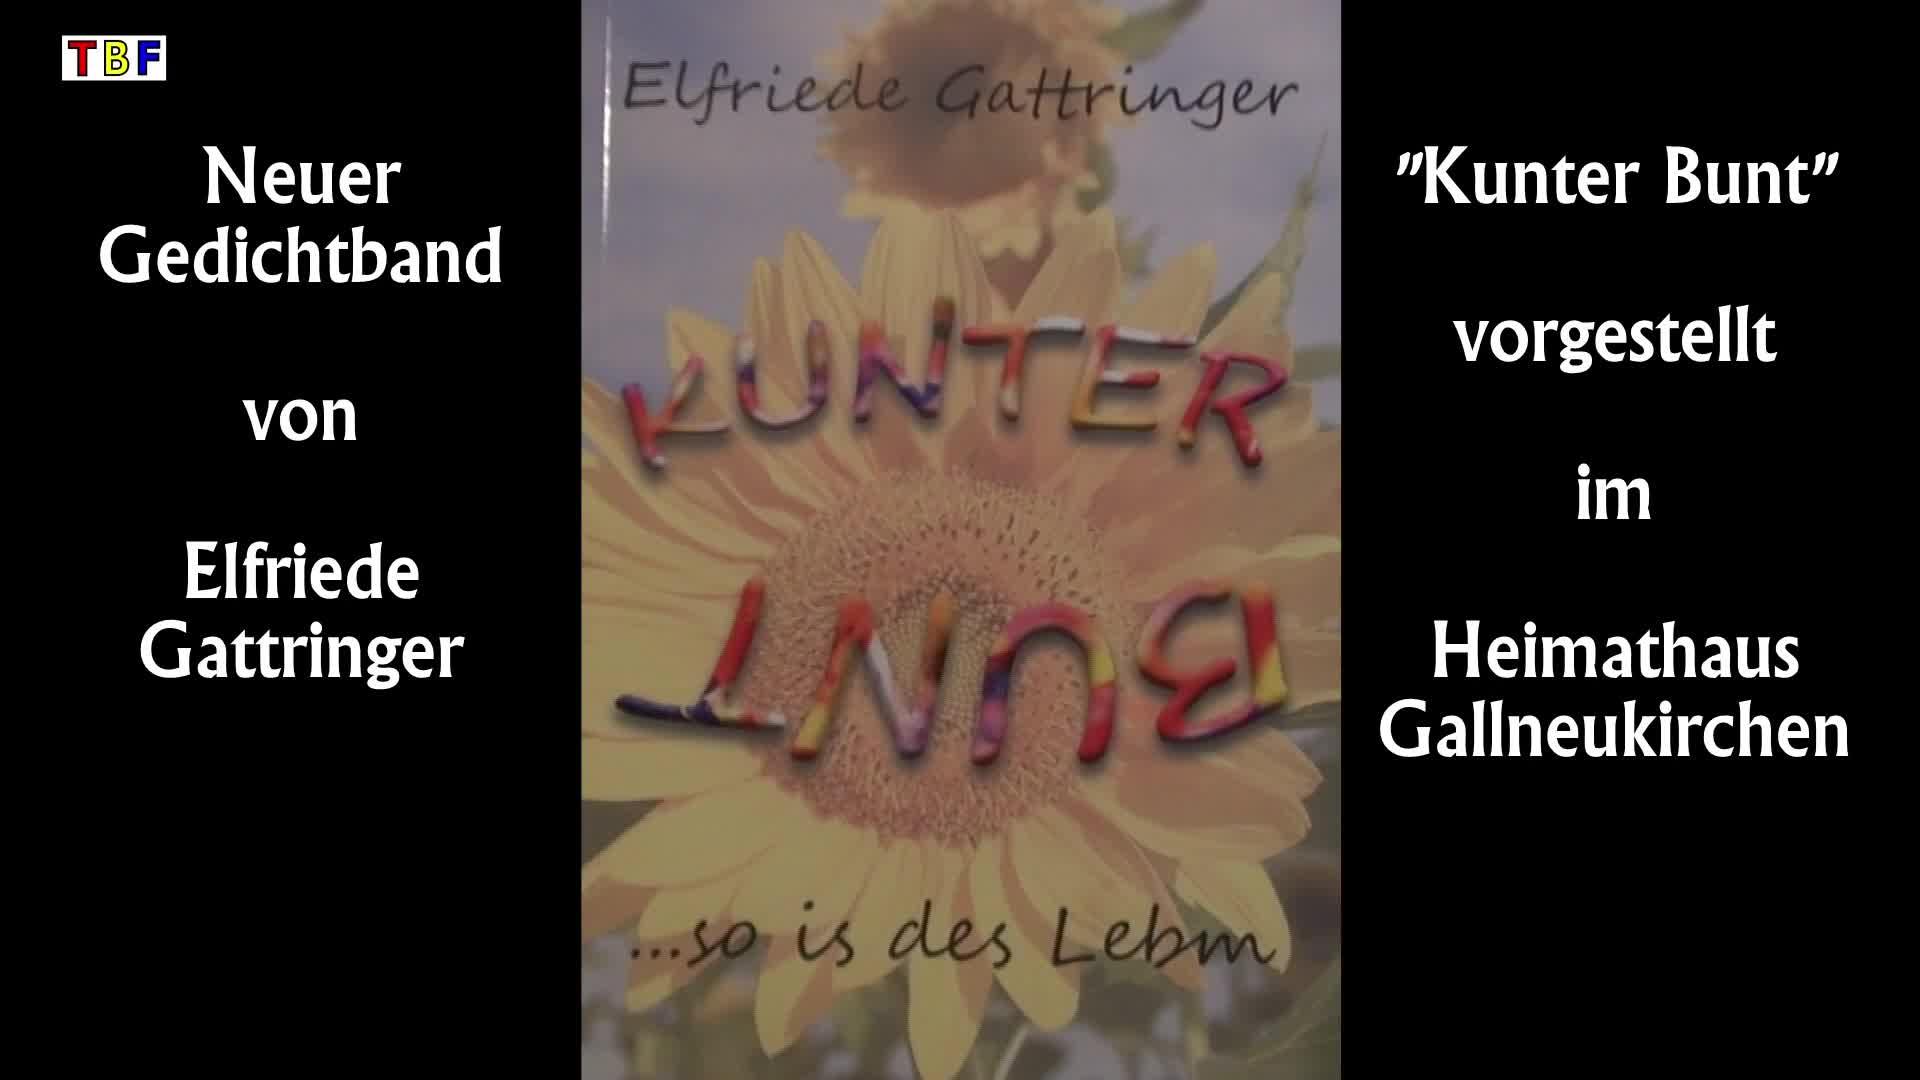 Elfriede Gattringers Gedichtband